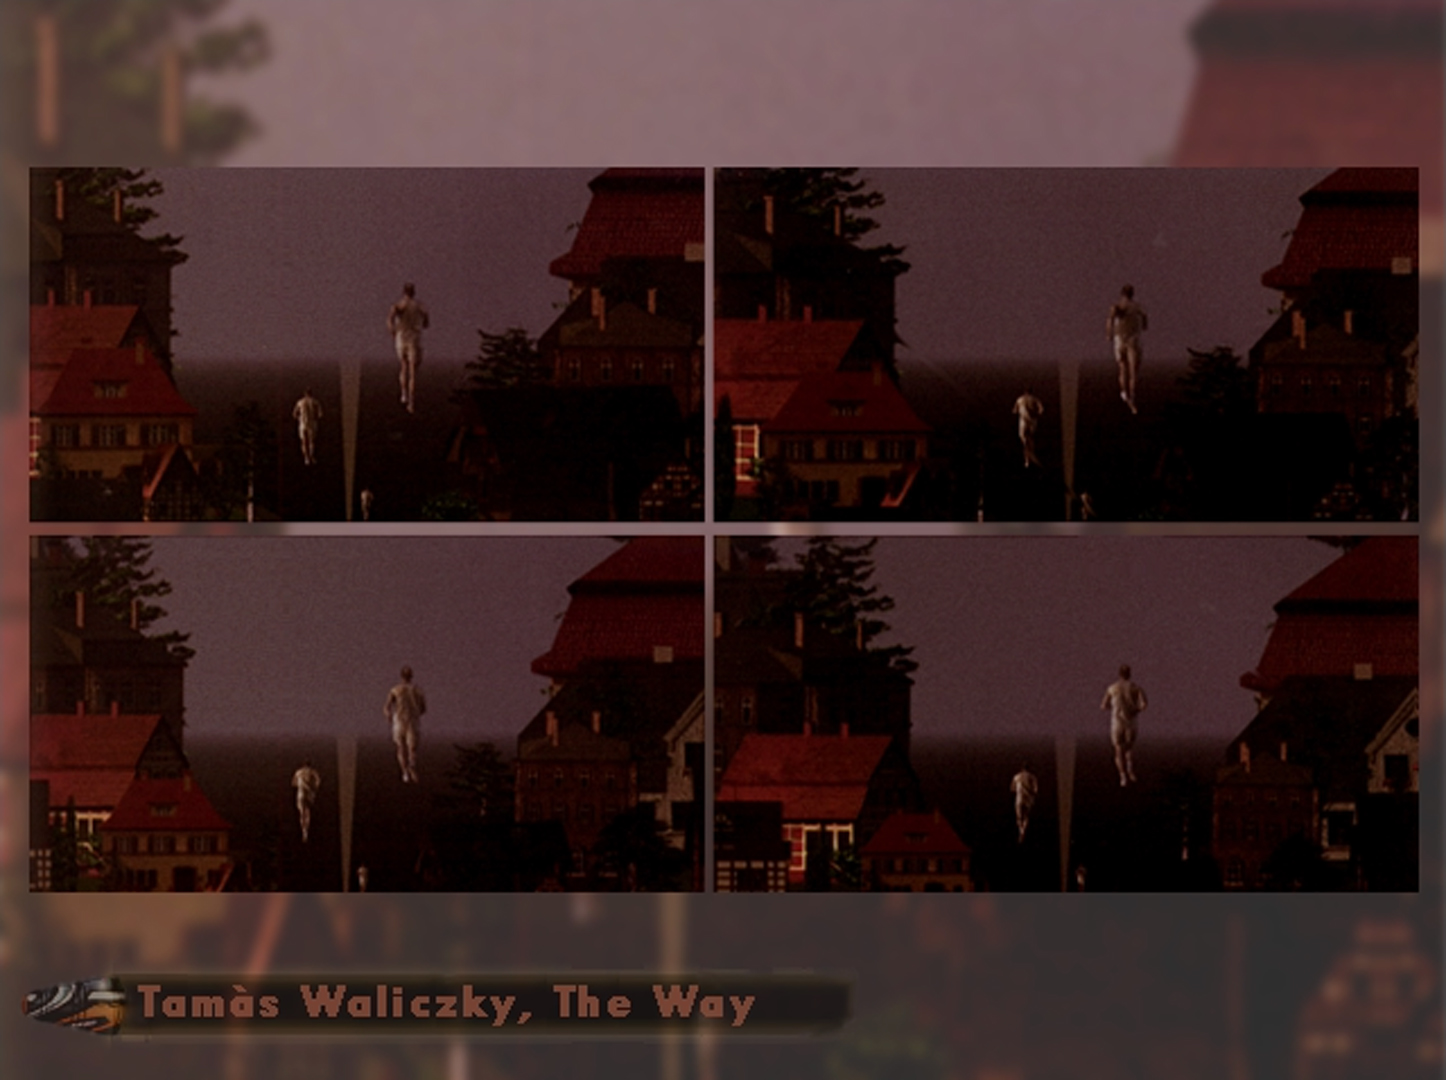 ©, Tamás Waliczky, The Way